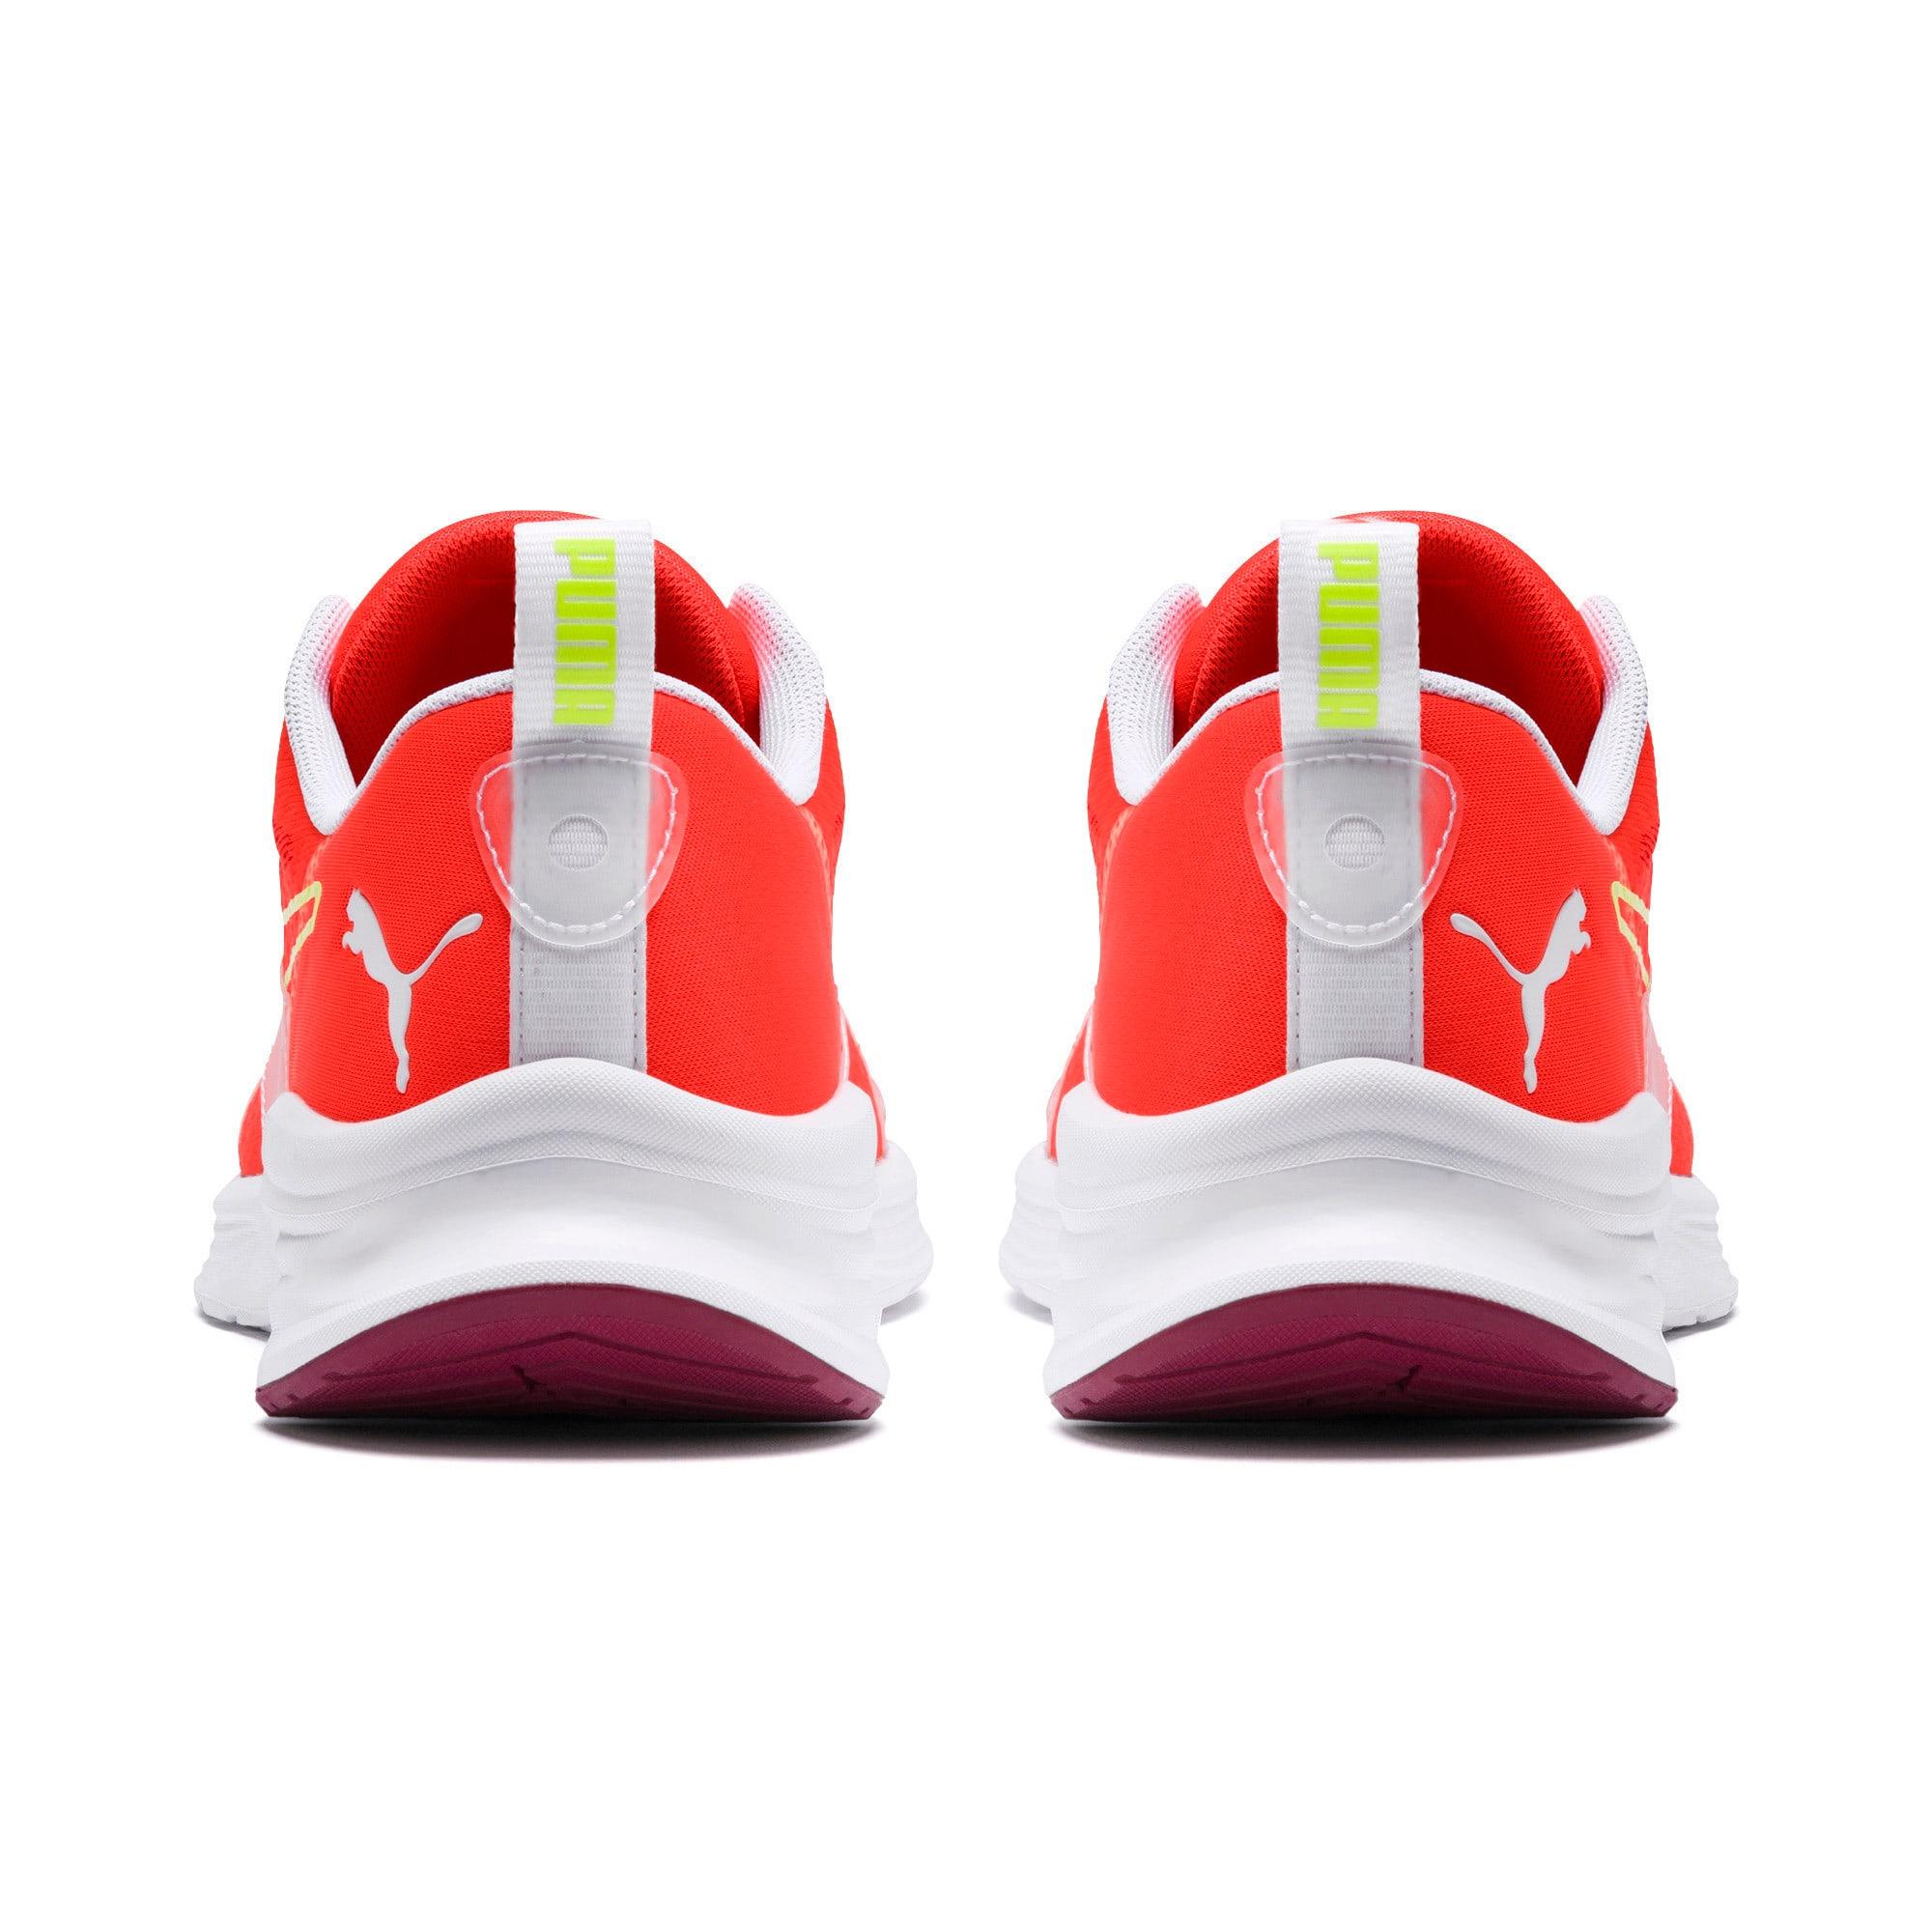 Imagen en miniatura 3 de Zapatillas de running de hombre HYBRID Fuego, Nrgy Red-Rhubarb, mediana